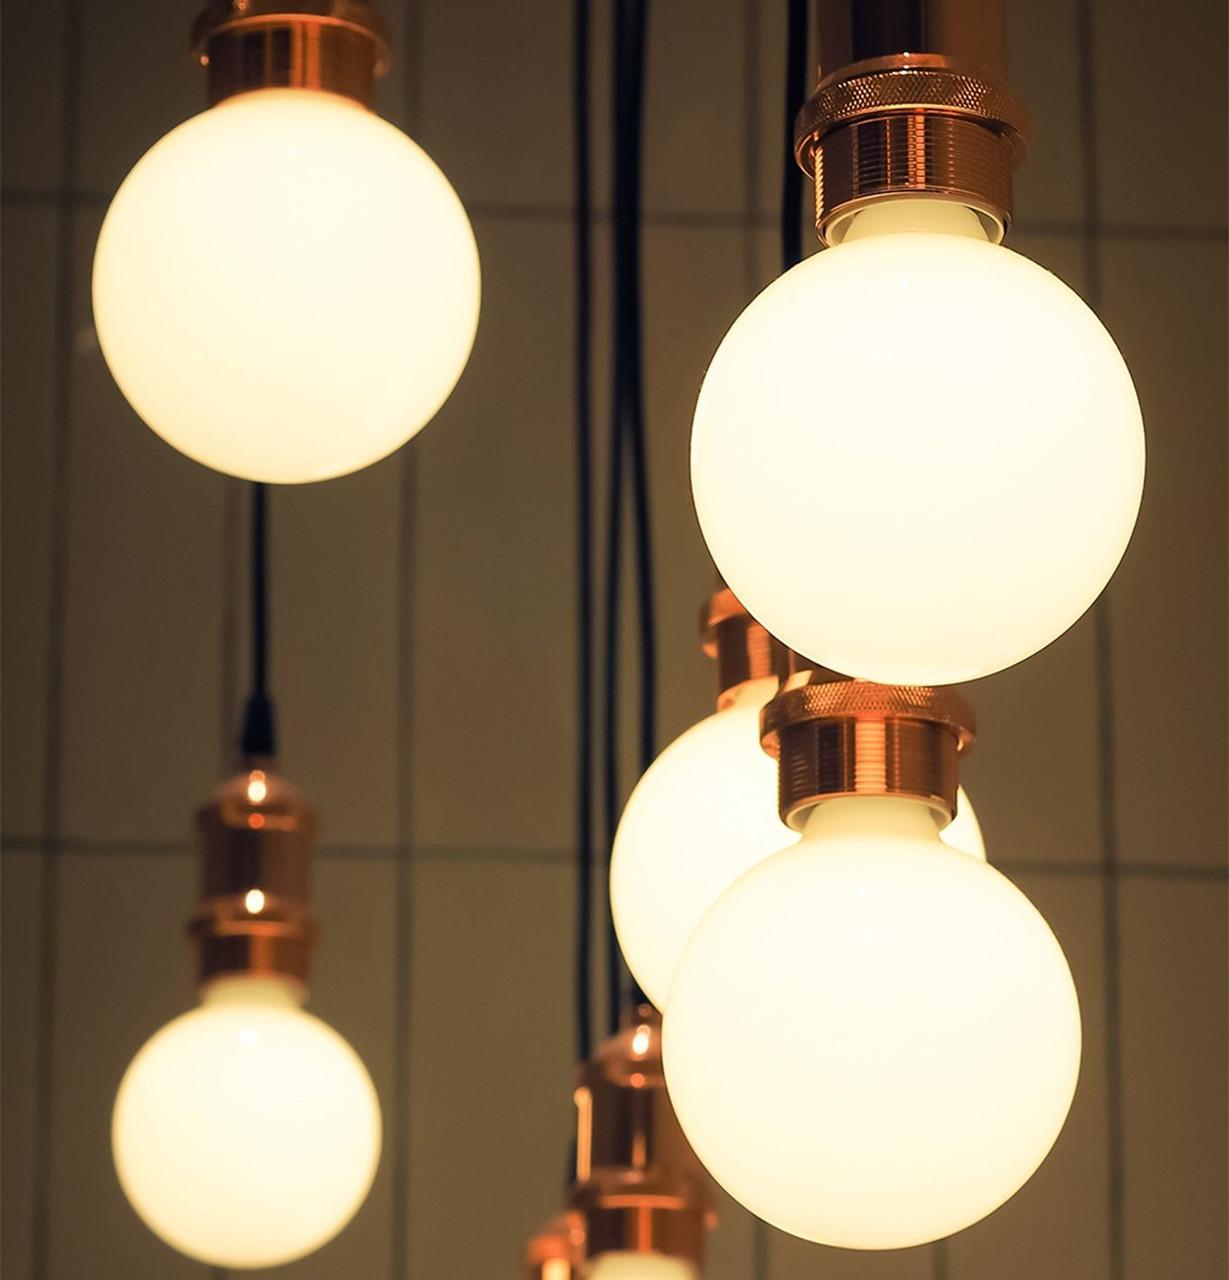 LED Dimmable G80 ES-E27 Light Bulbs